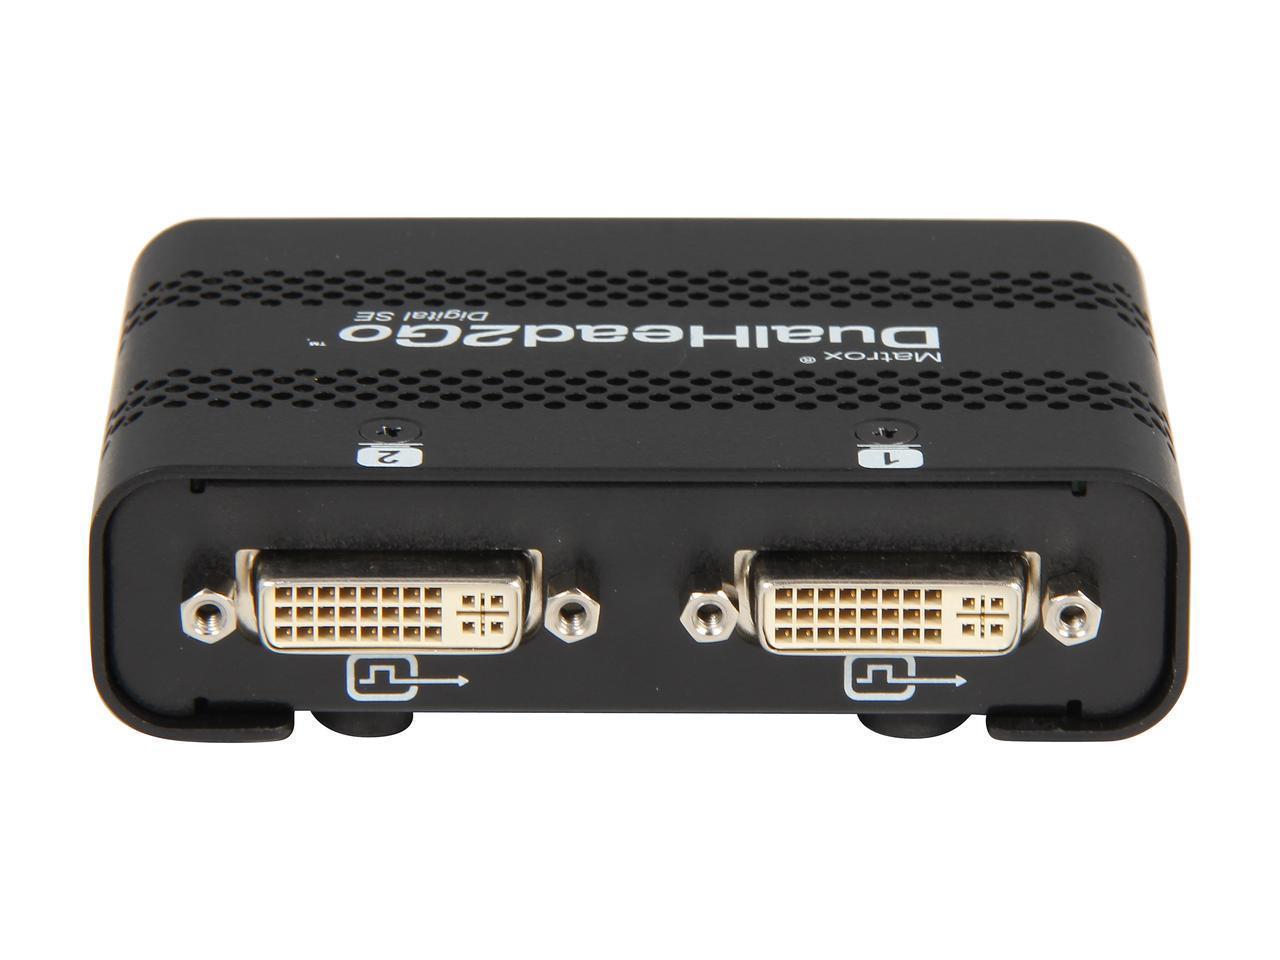 Външен мулти-дисплей адаптер Matrox D2G-DP2D-IF за едновременна работа на 2 монитора с DP вход-3